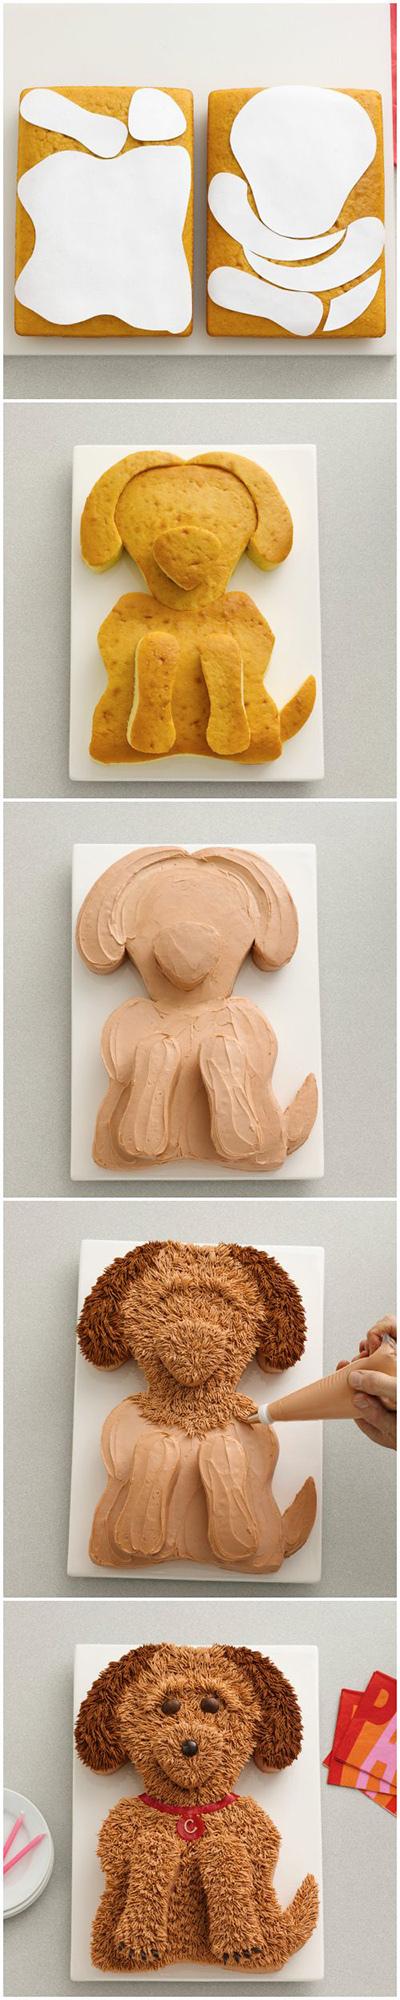 съедобный торт-собака для украшения